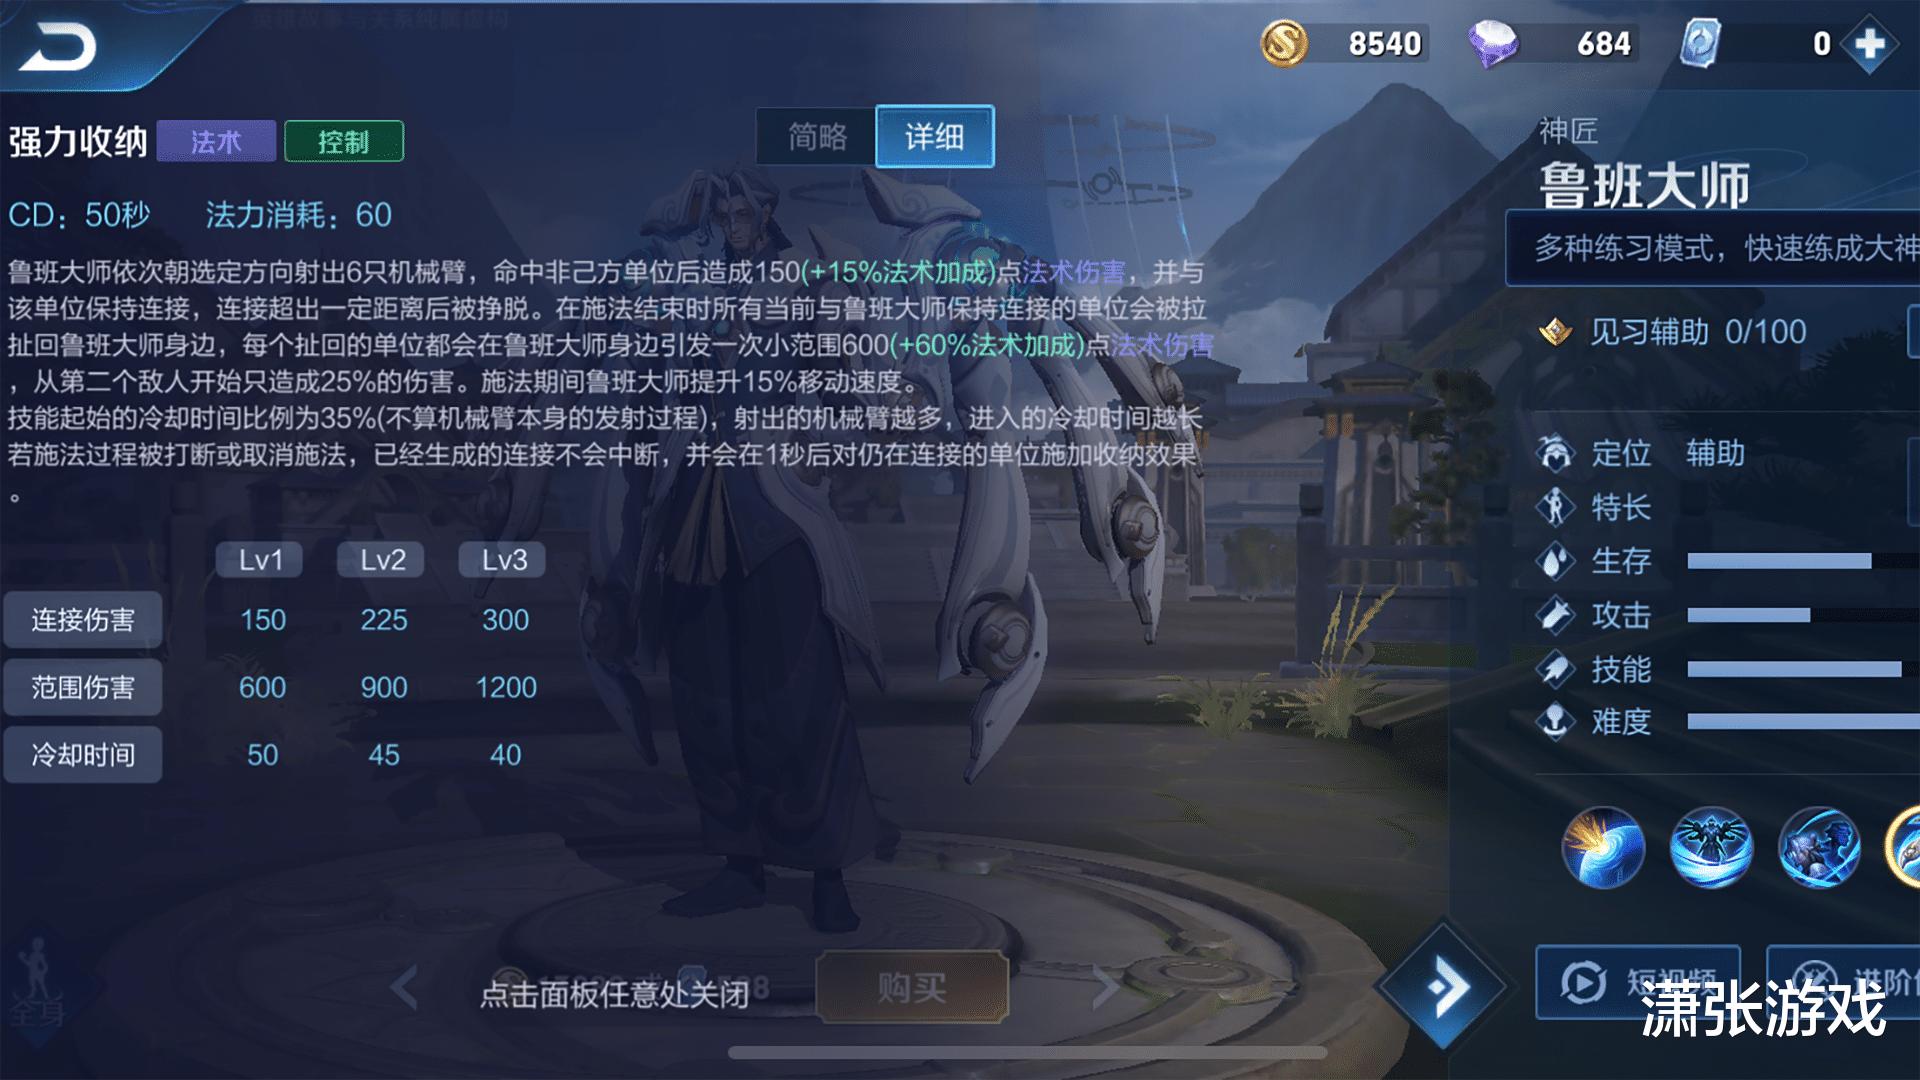 王者荣耀:鲁班大师最新Ban率64.20%的3个原因,附带细节攻略! 鲁班 王者荣耀 单机资讯  第7张